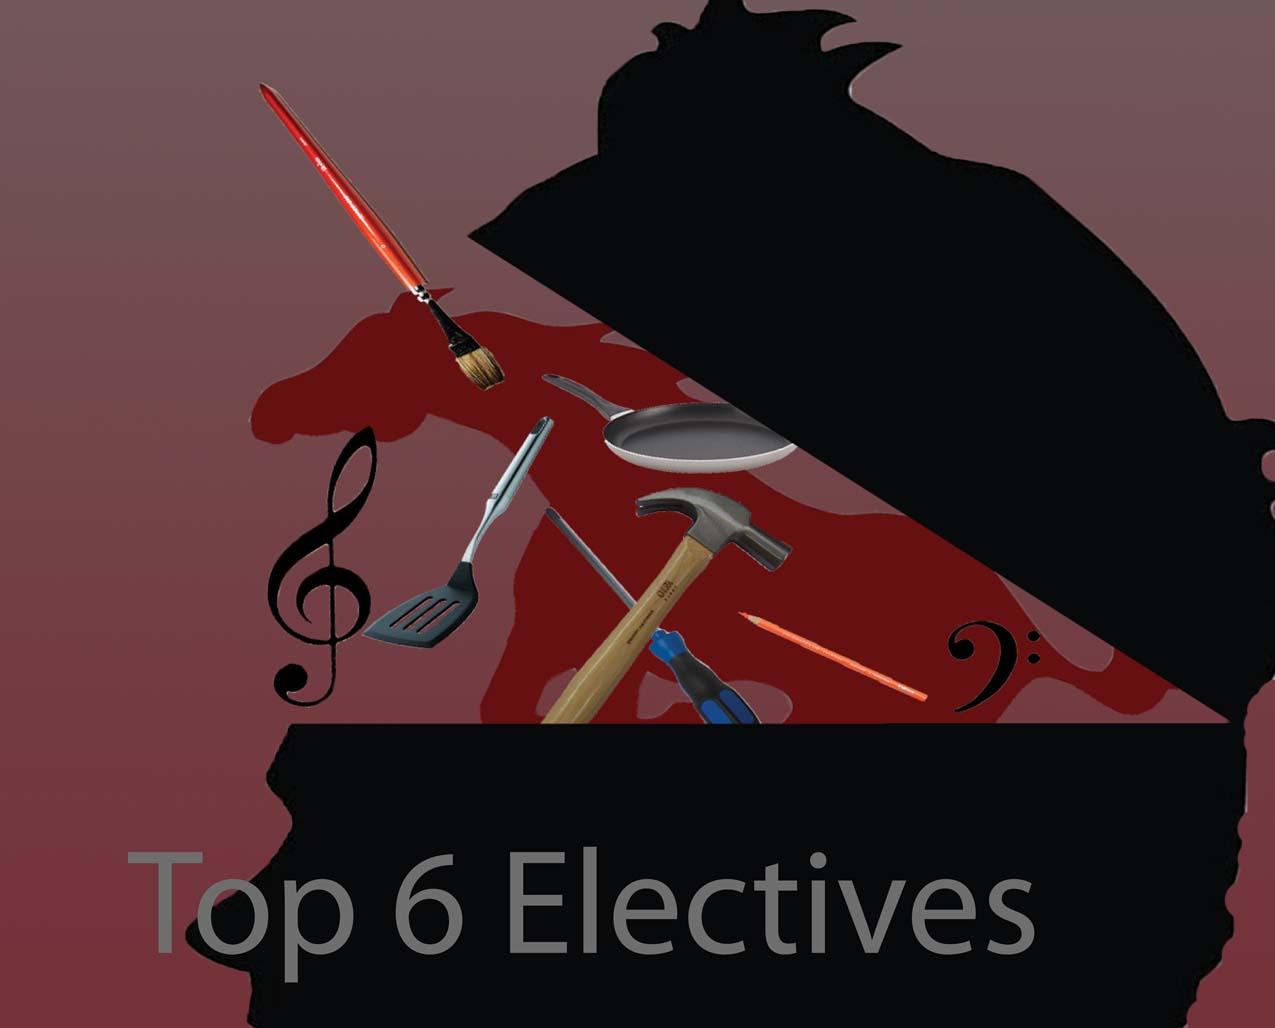 Top 6 Electives at MVHS